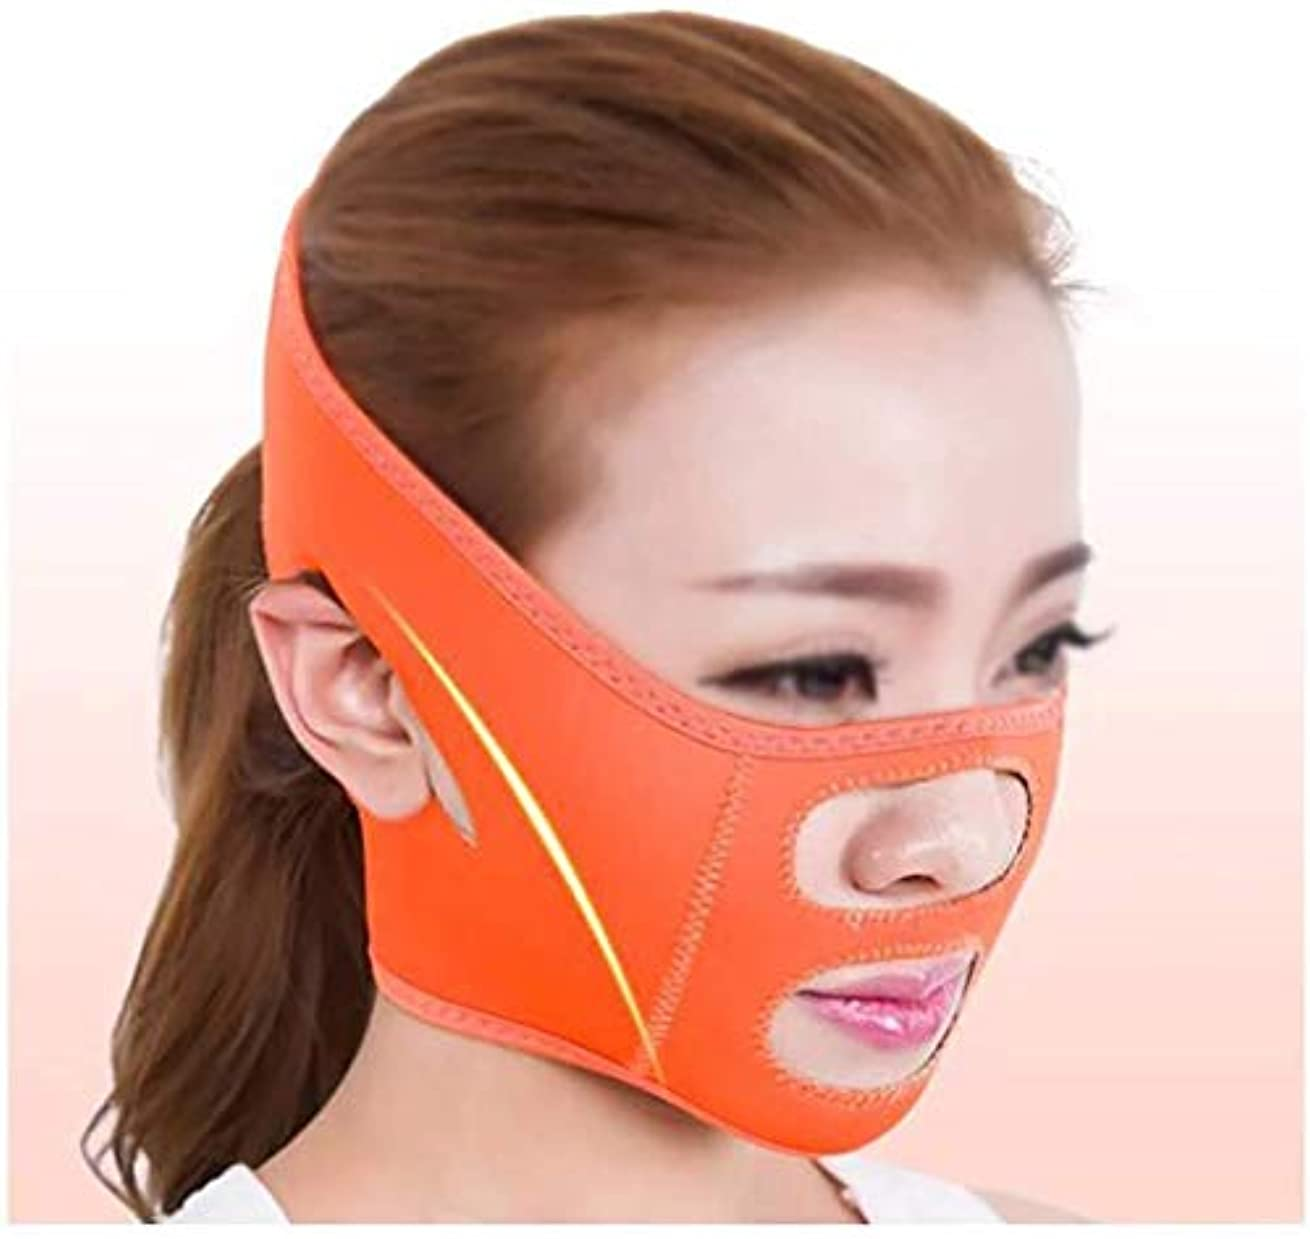 情熱的電気でるSlim身Vフェイスマスク、ファーミングフェイスマスク、術後リフティングマスクホームバンデージシェーキングネットワーク赤女性Vフェイスステッカーストラップ楽器顔アーティファクト(色:オレンジ)